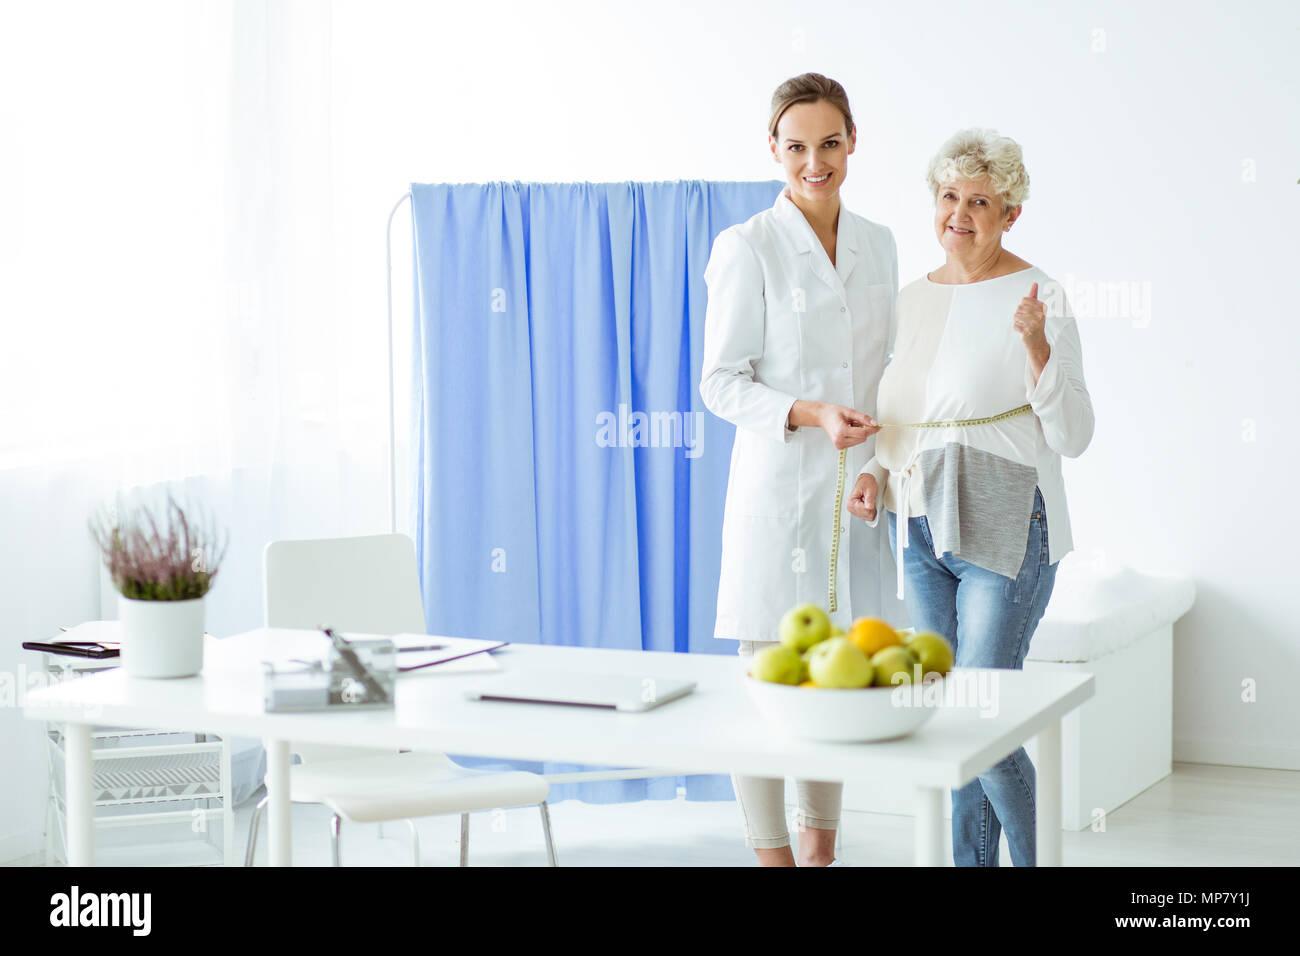 Paciente feliz y sonriente dietista satisfecho con los resultados de la dieta personalizada Imagen De Stock